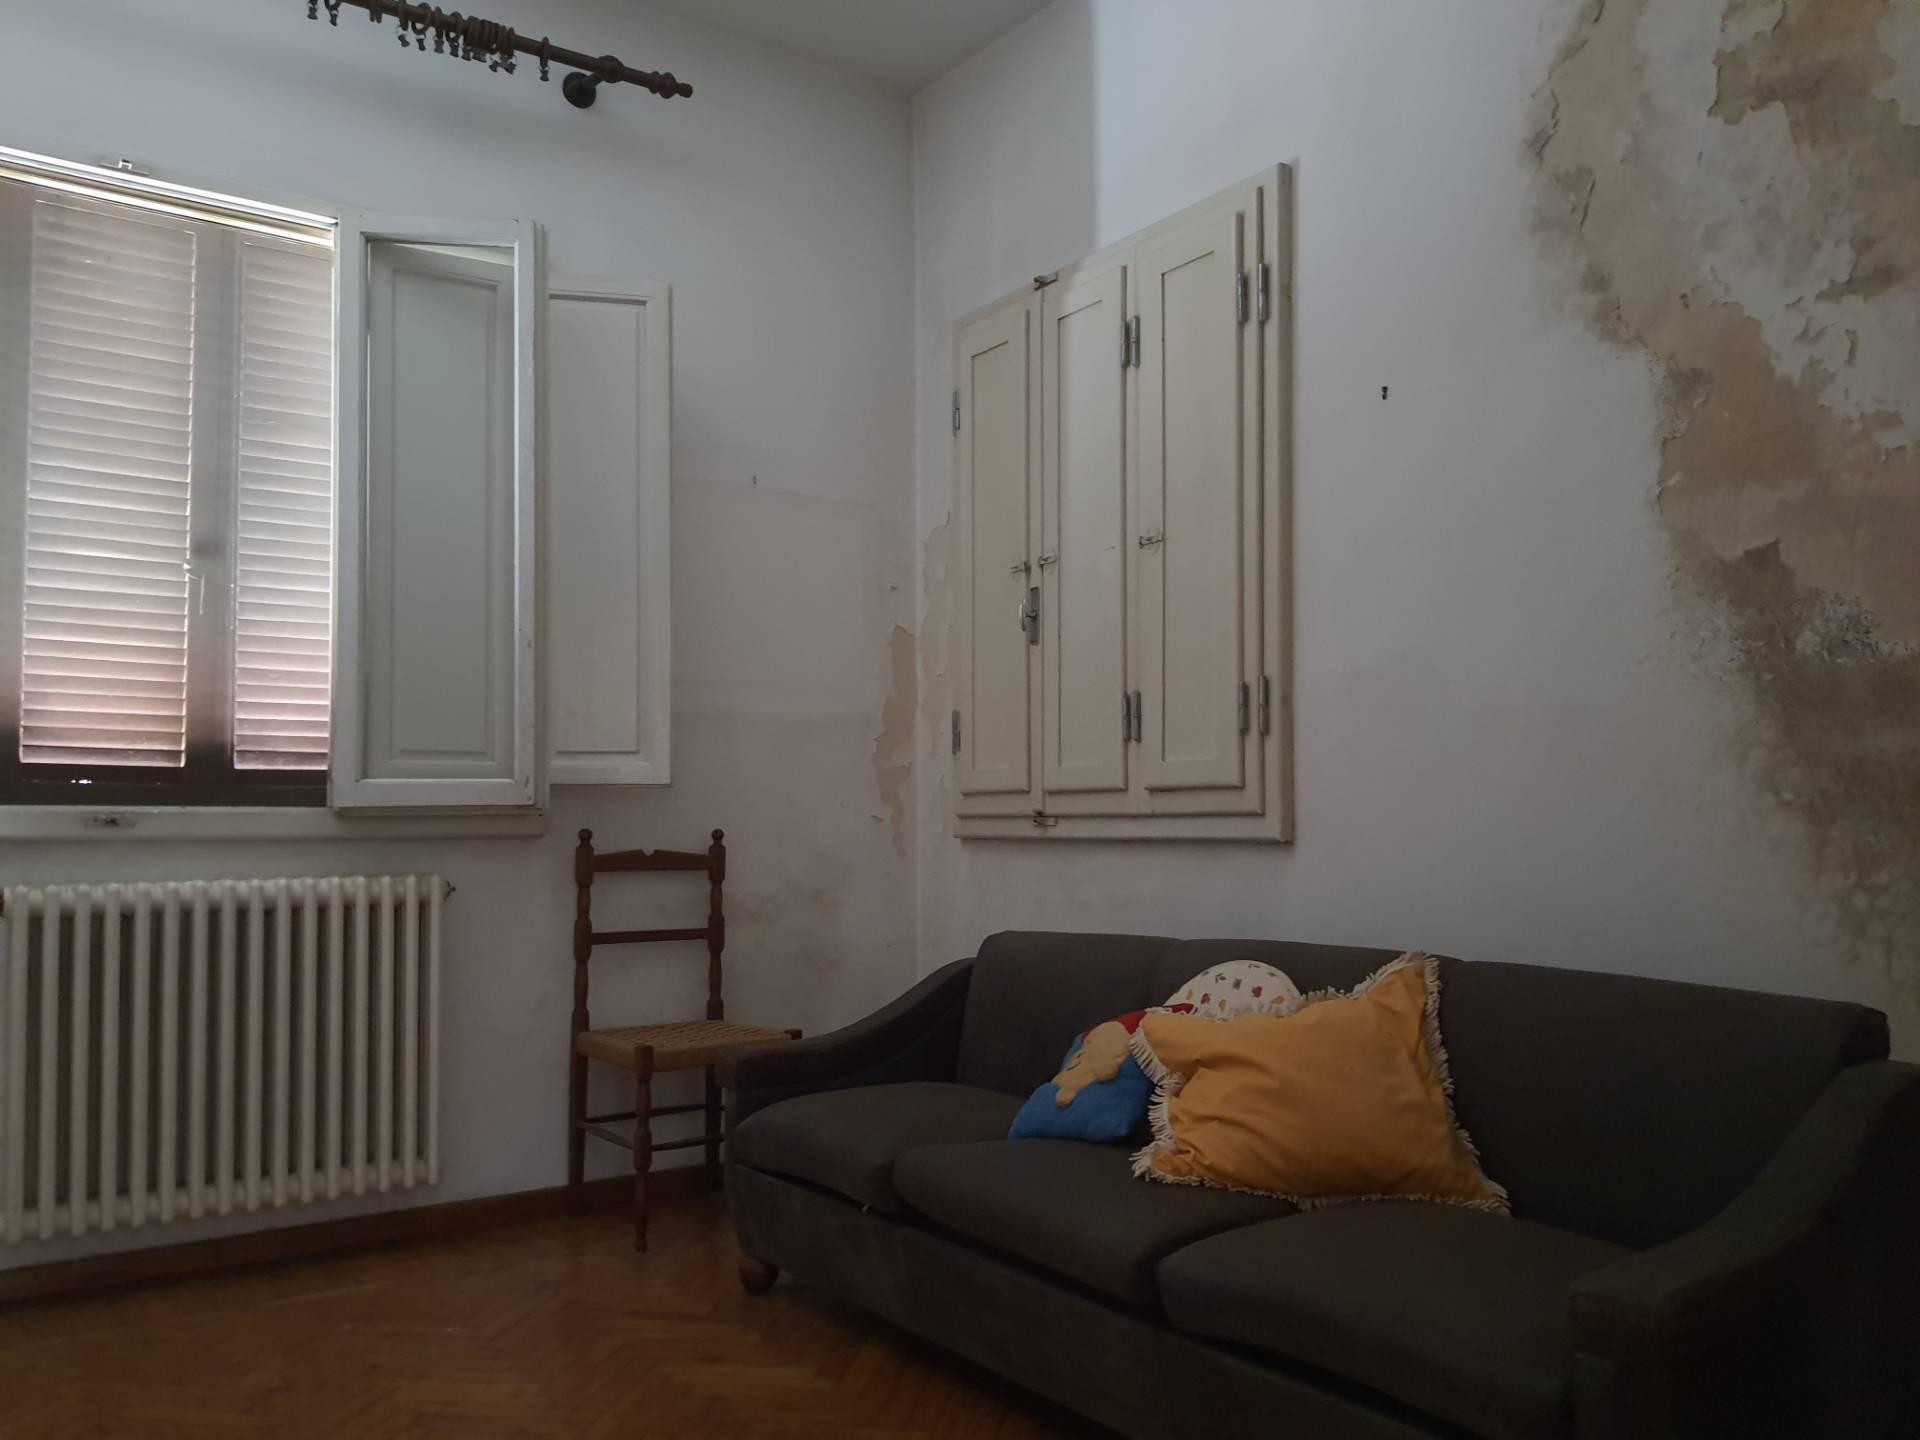 Casa singola in vendita - Staffoli, Santa Croce sull'Arno